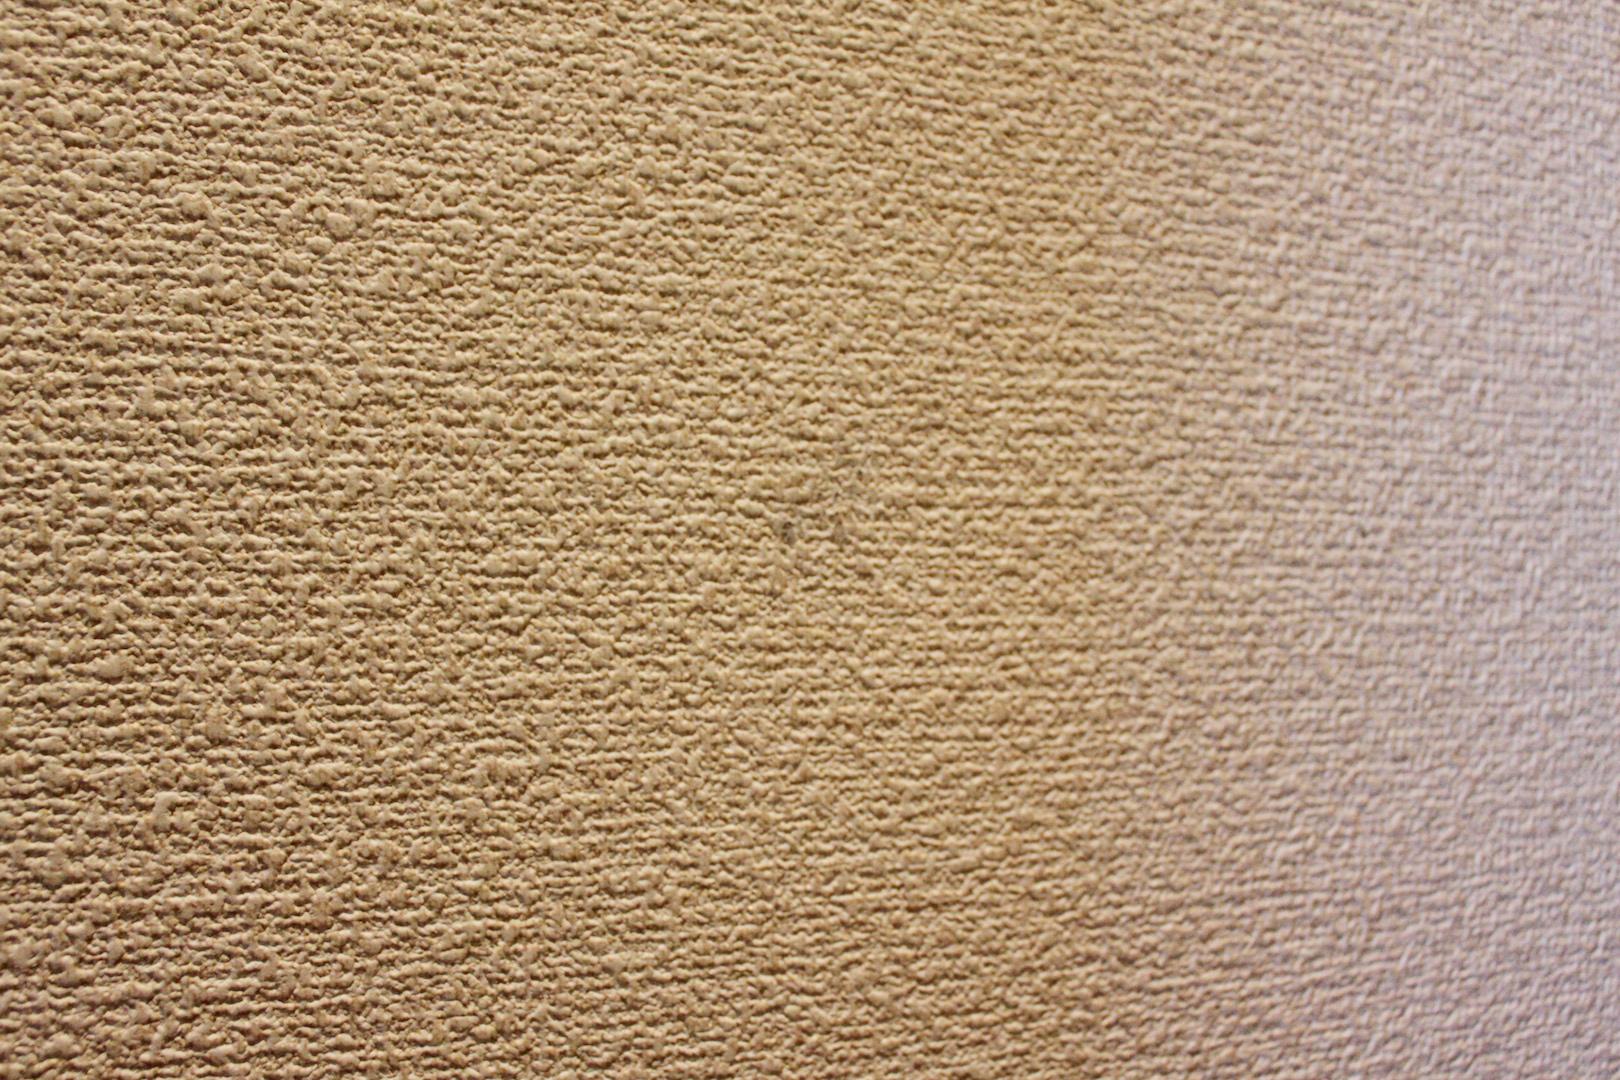 掃除 自転車で汚した凹凸のある壁紙を歯ブラシ 中性洗剤で掃除 ほどほど